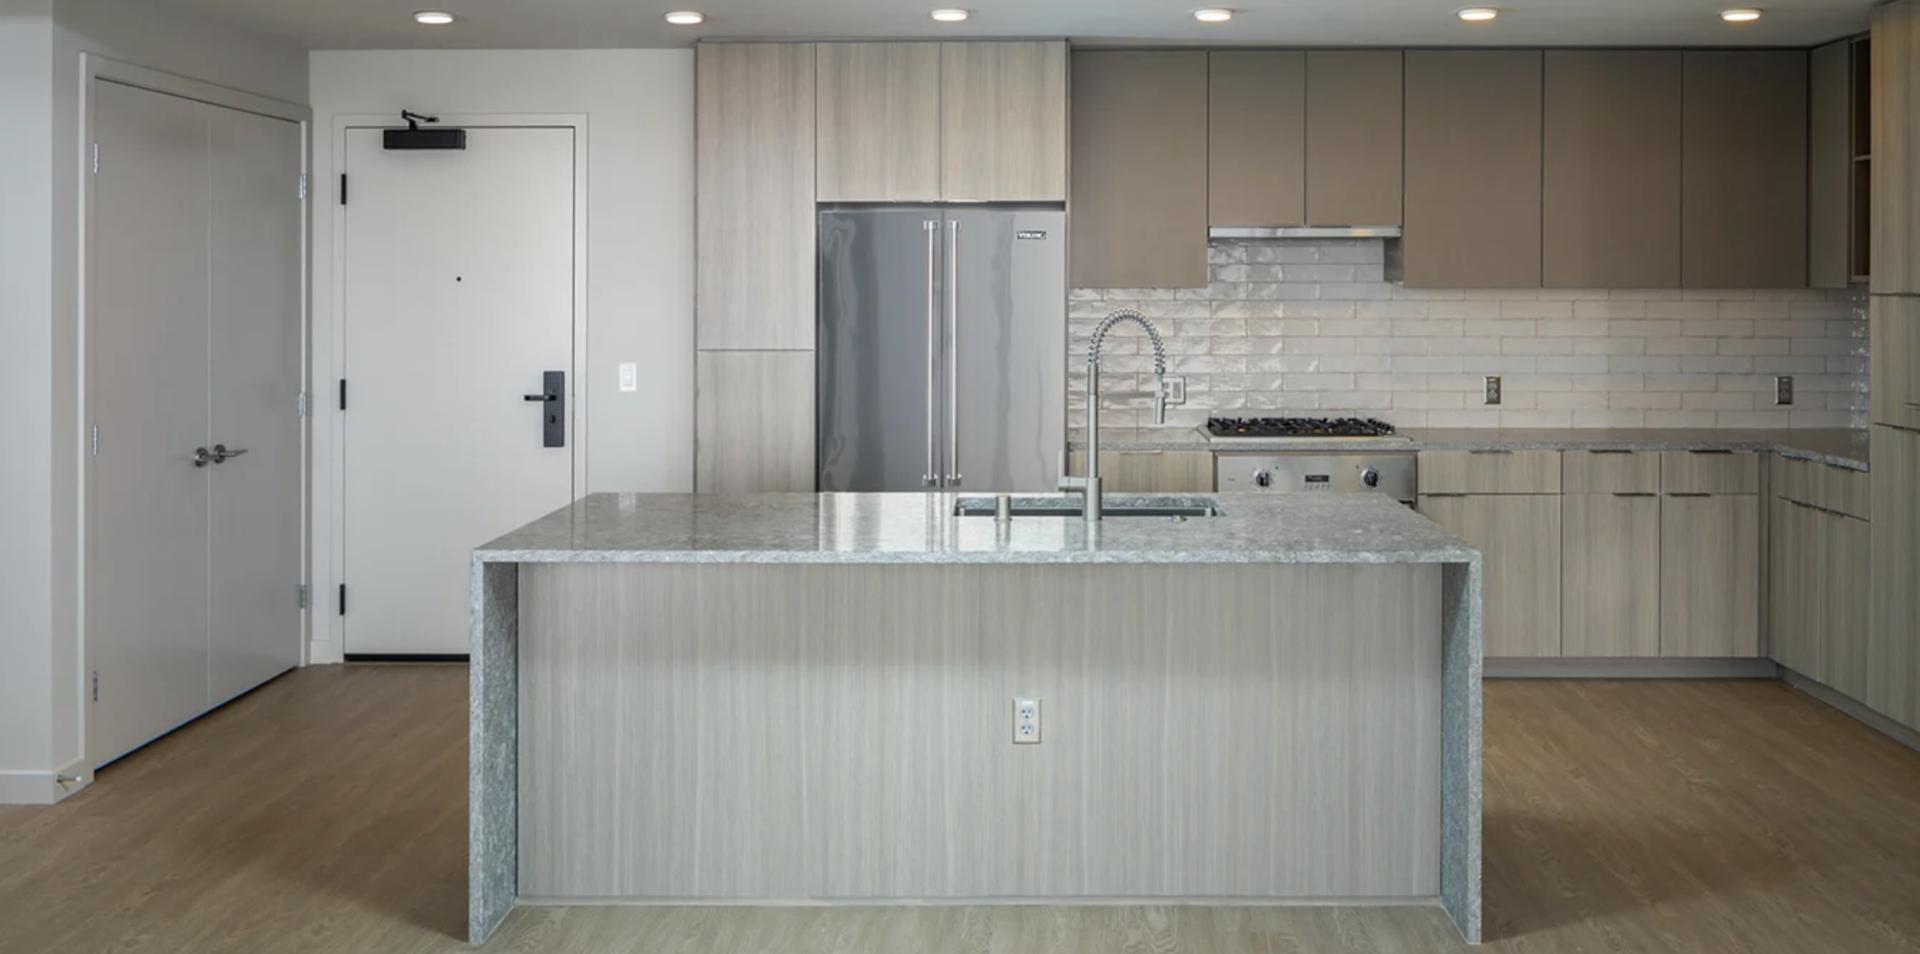 601 11th Avenue #1612, San Diego, CA - $4,745 USD/ month